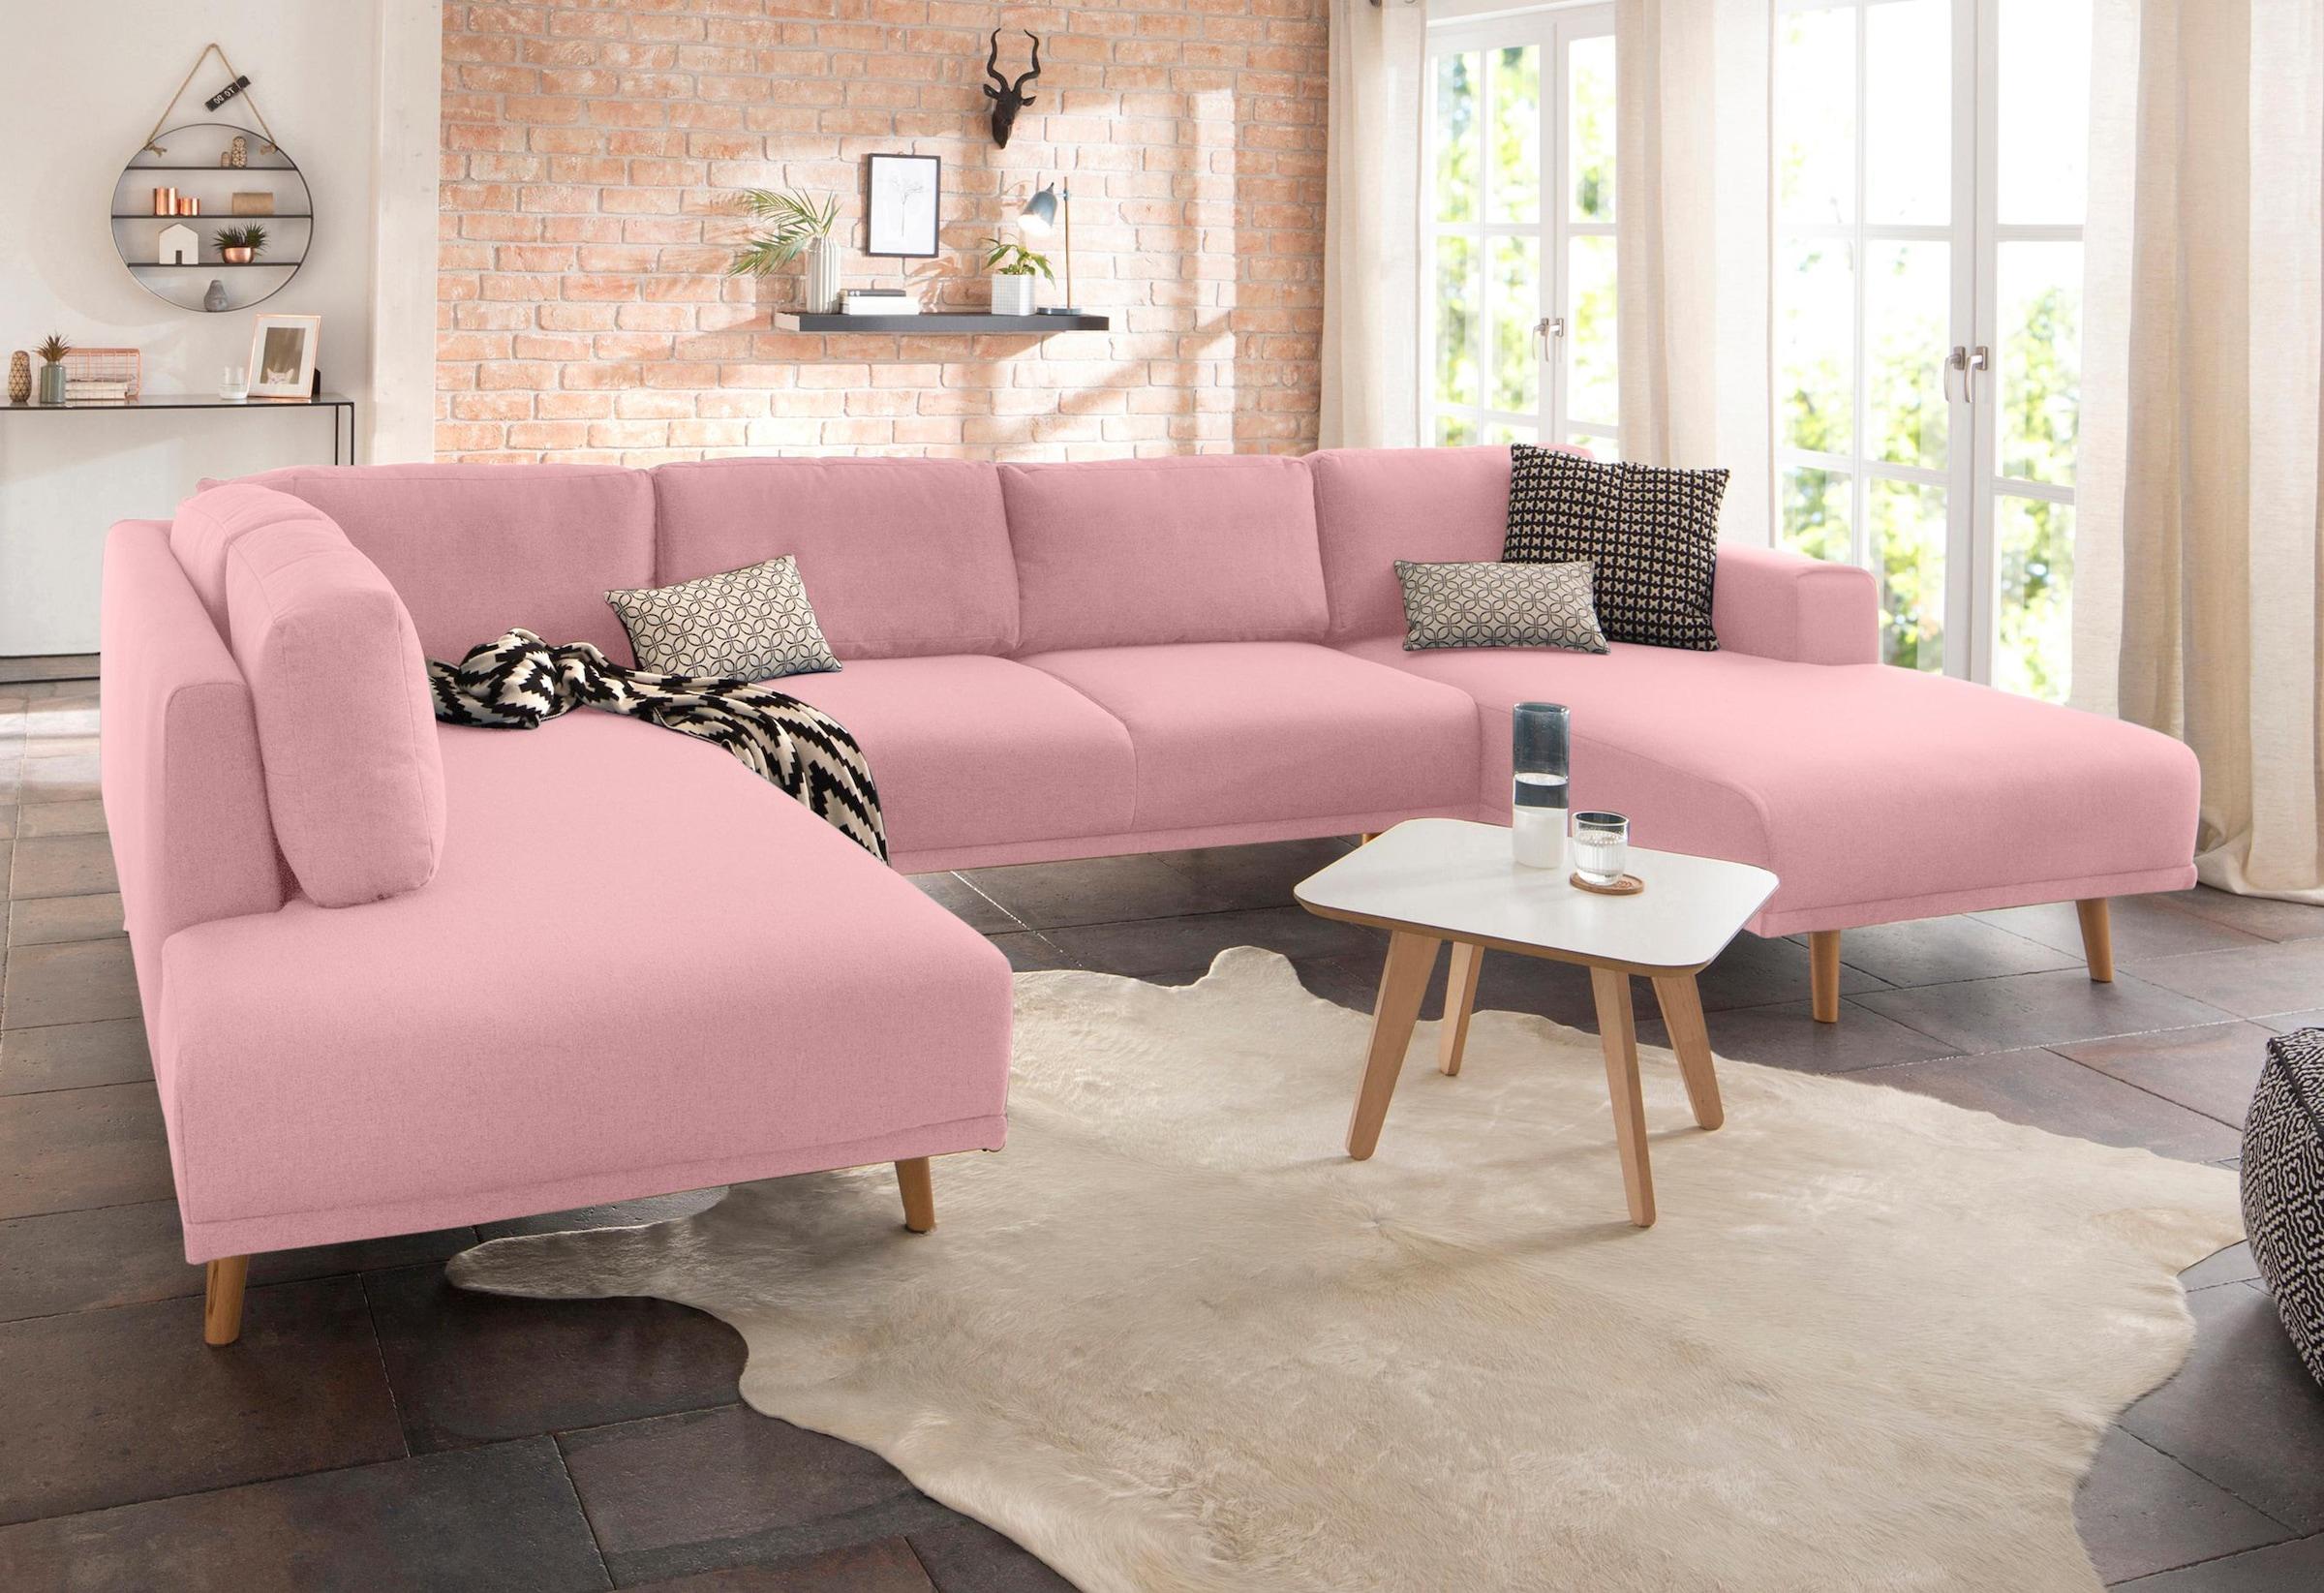 Rosa holz wohnlandschaften online kaufen möbel suchmaschine